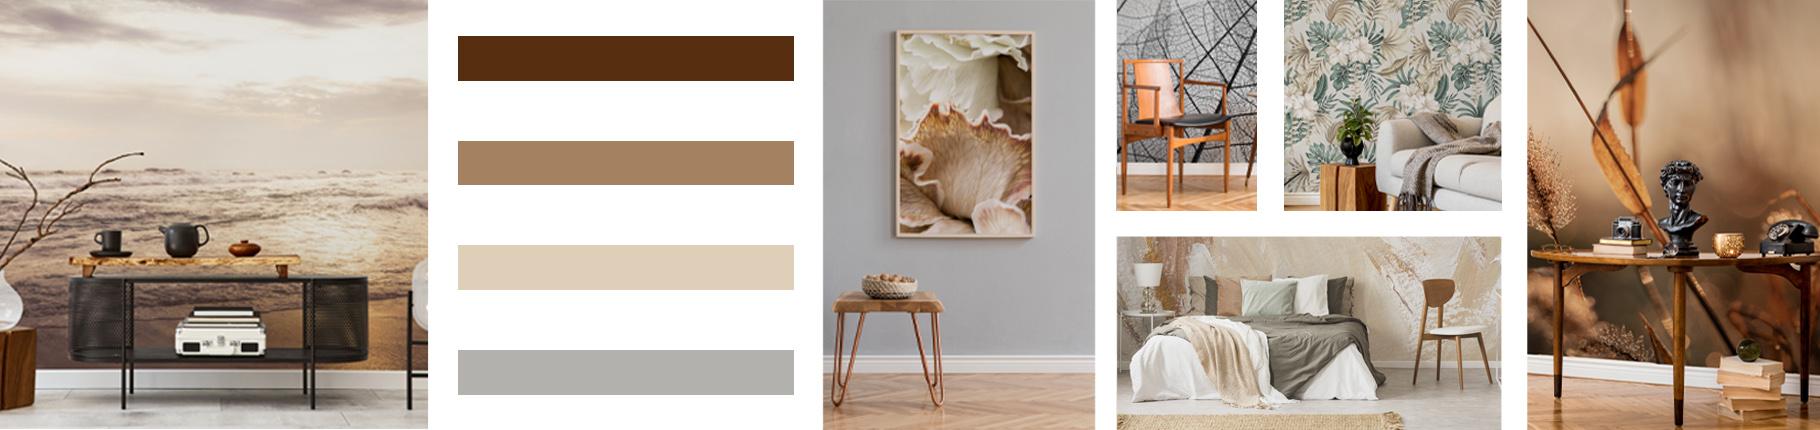 Come scegliere una decorazione da parete?